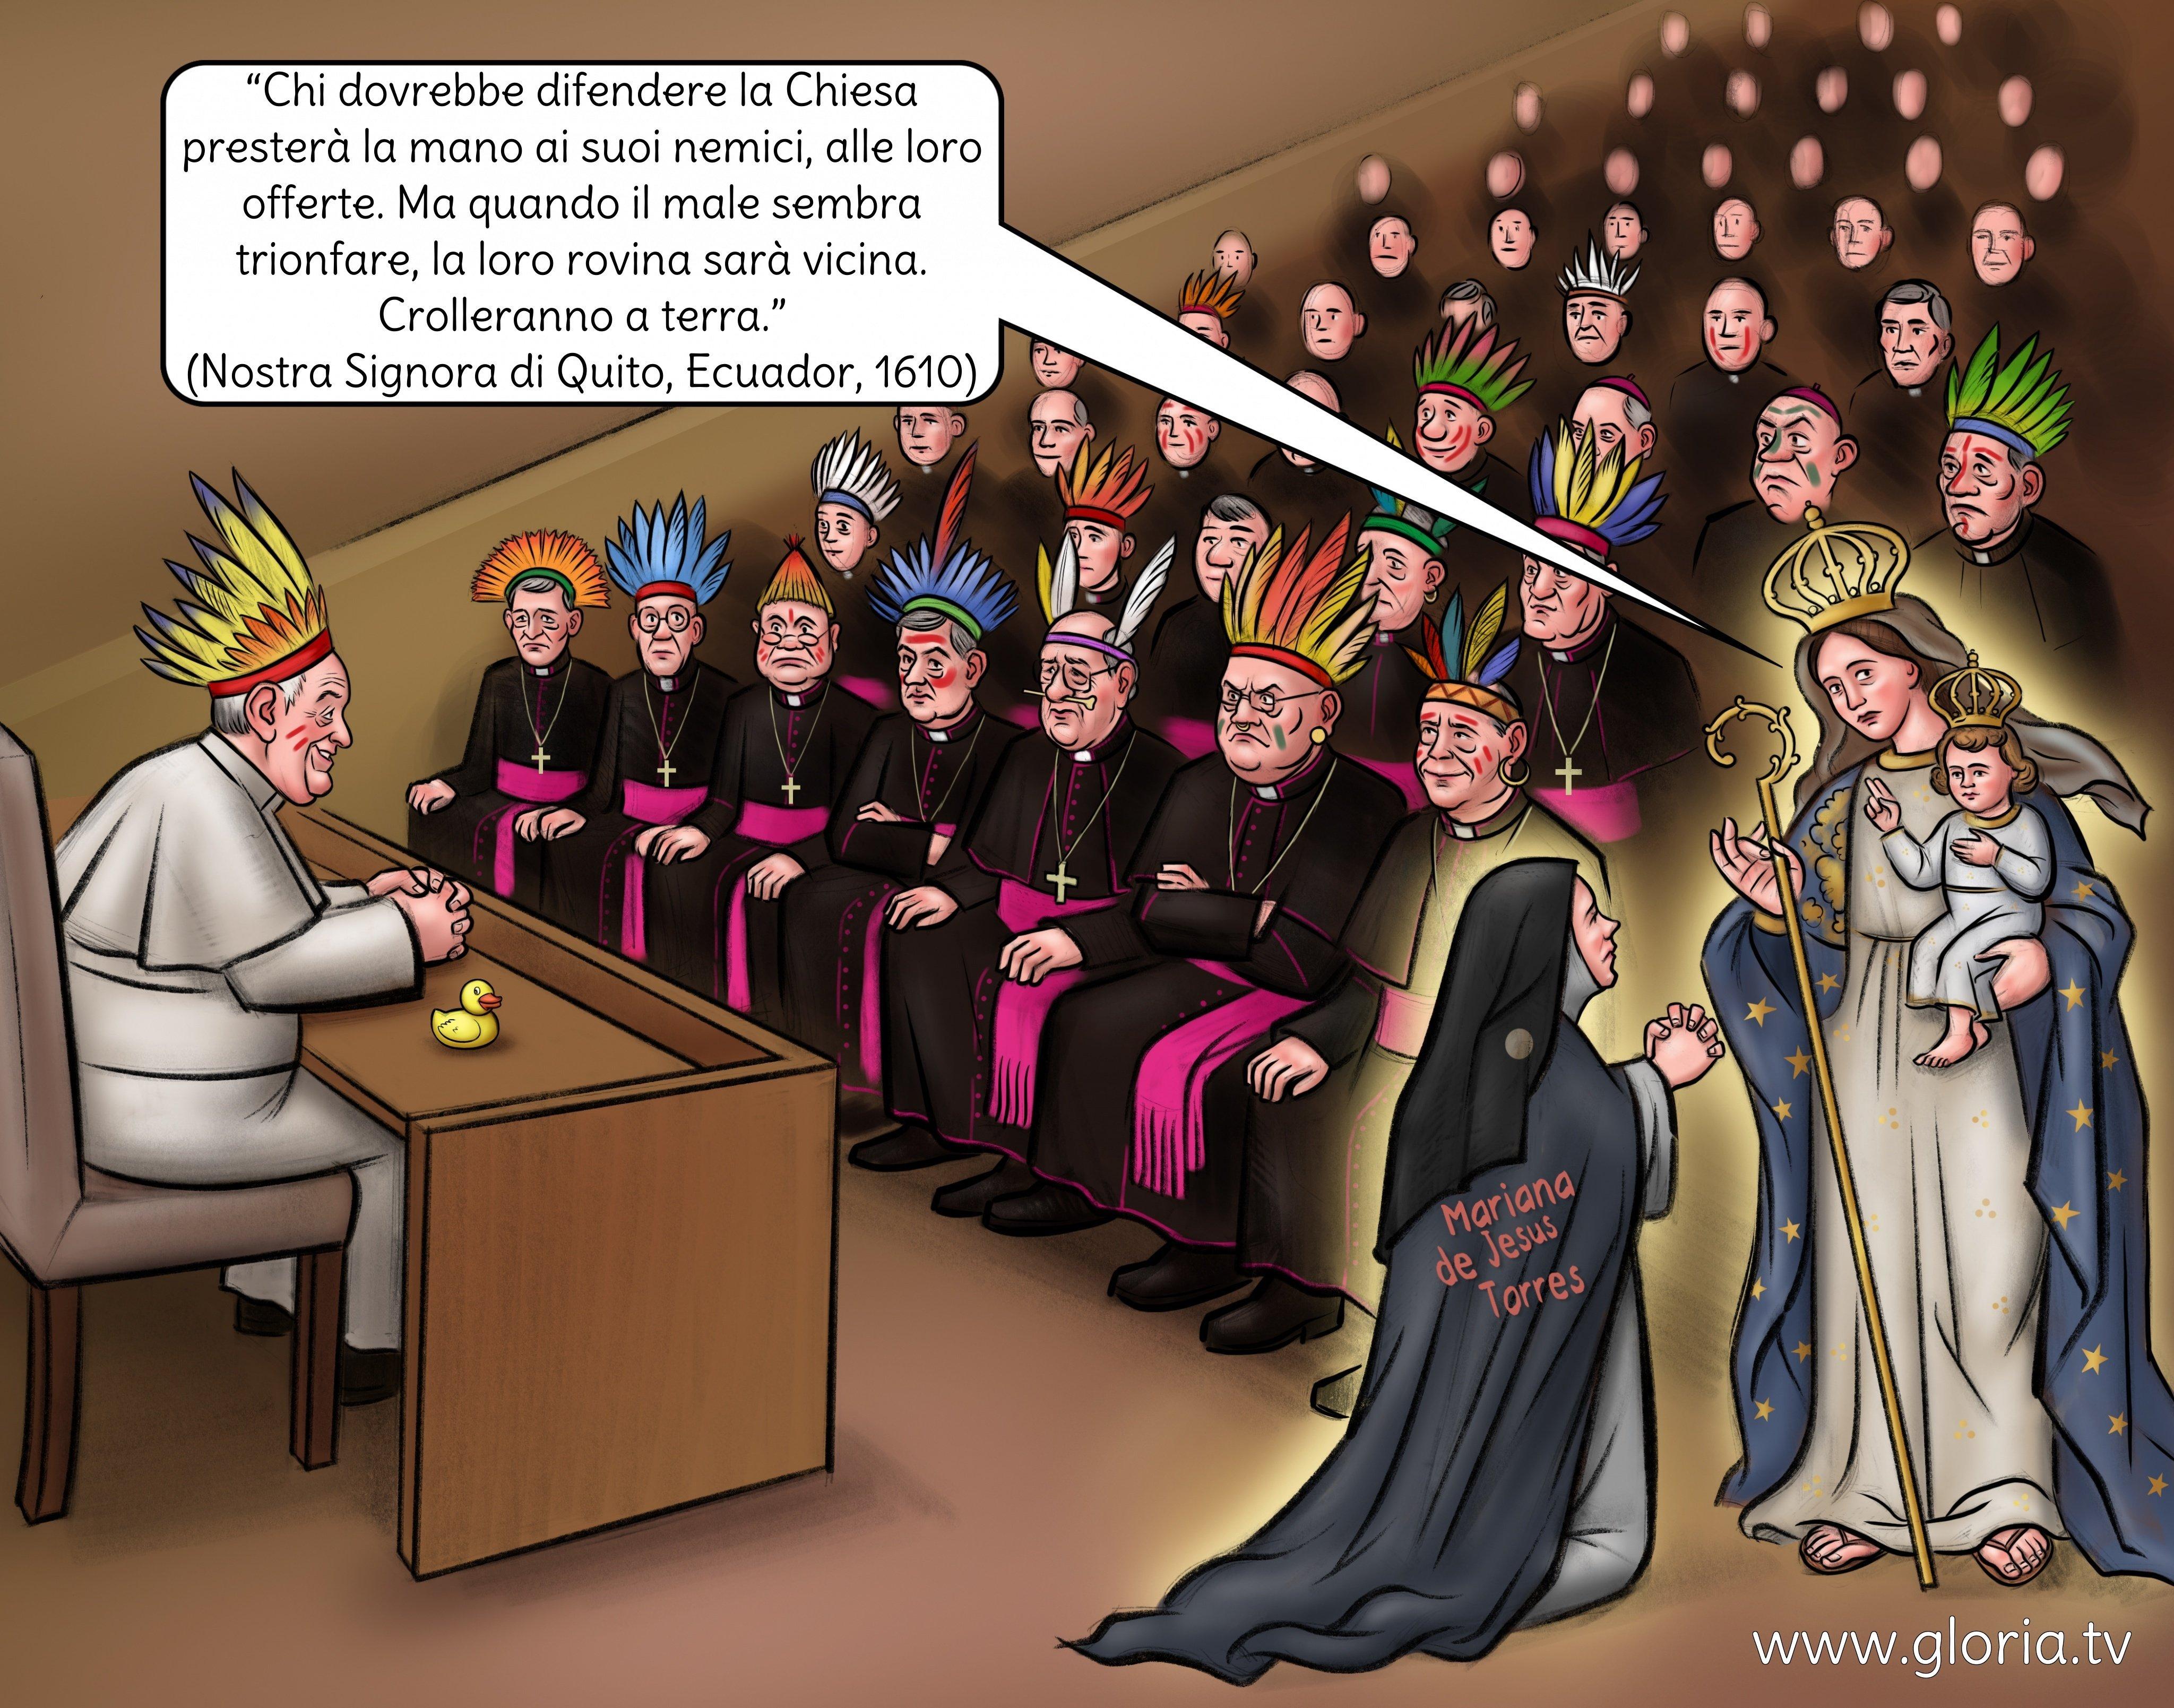 Ma il sacerdote non è già sposato con la Chiesa? Chi è che vuole la botte piena e la moglie ubriaca?